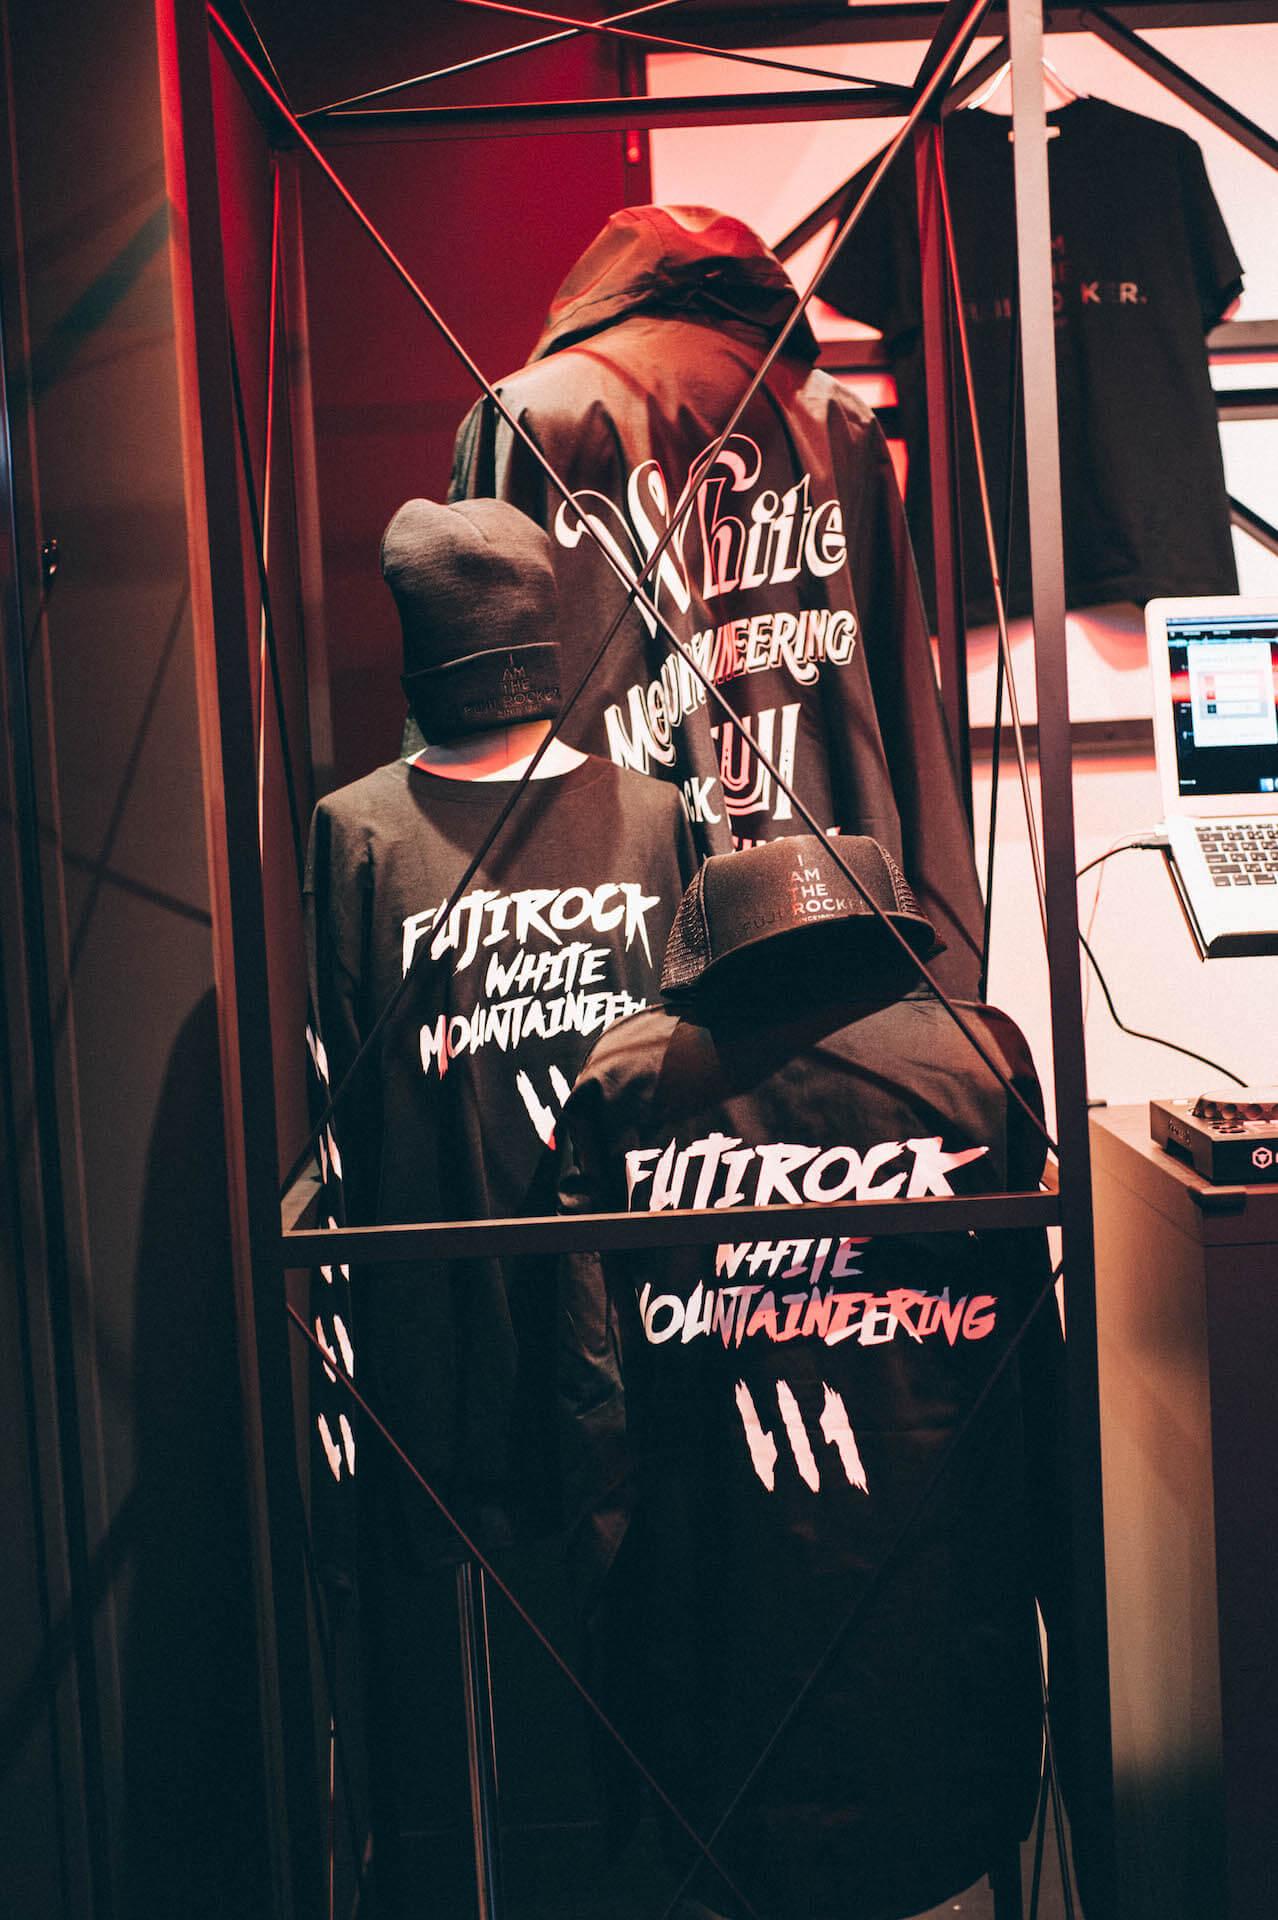 新生渋谷PARCOのカオスなフードエリア「CHAOS KITCHEN」注目の3店舗をピックアップ lfefashion-20191122-parco-8691